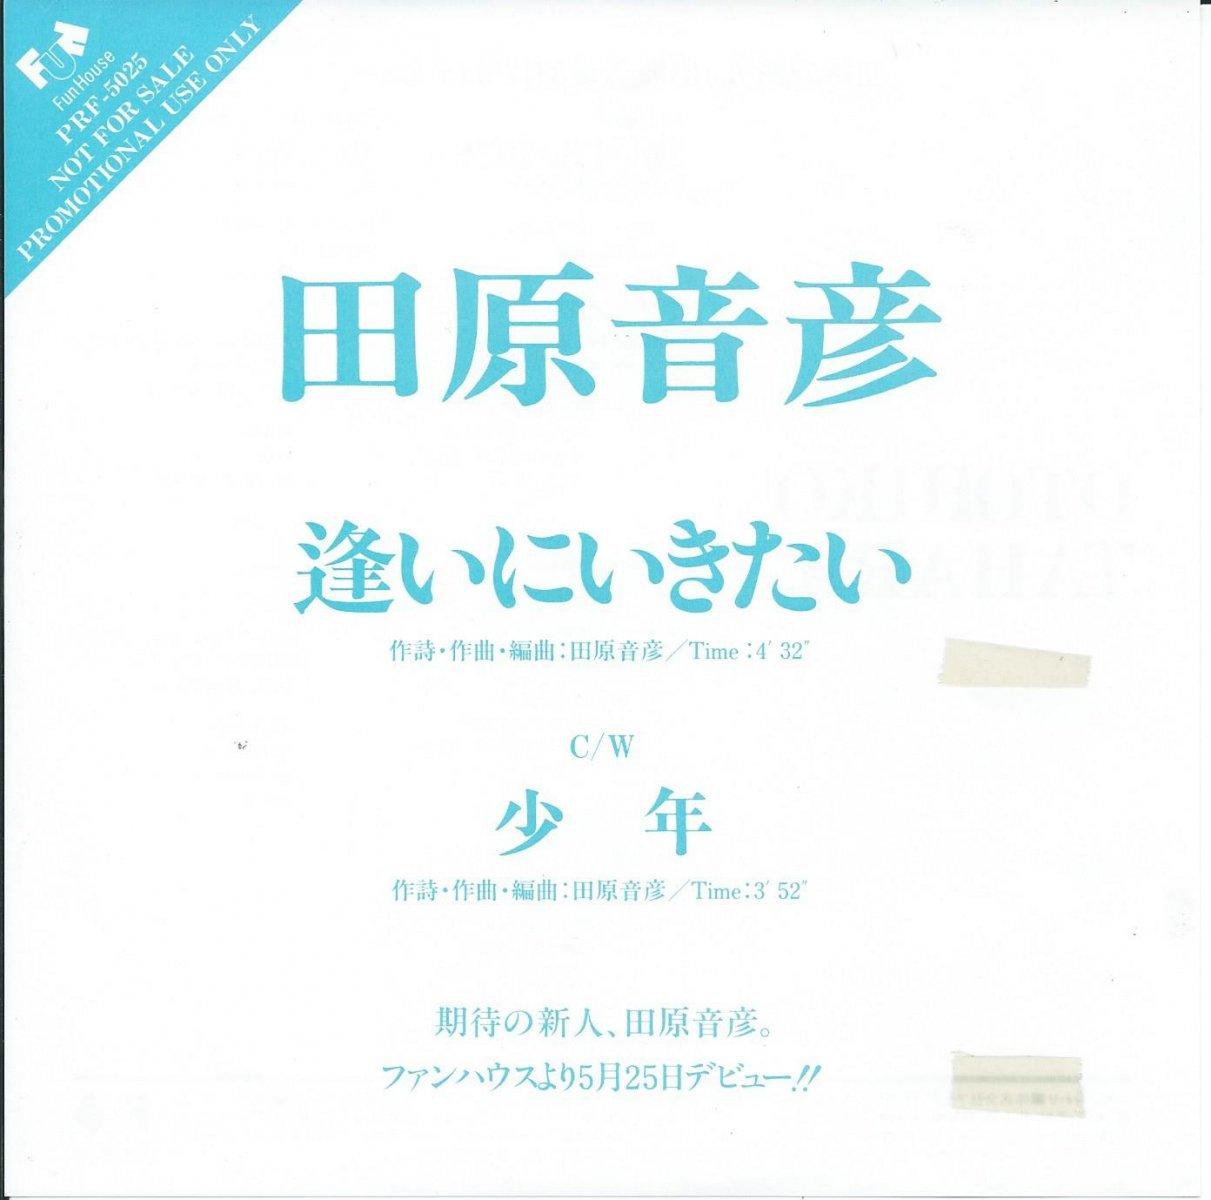 田原音彦 OTOHIKO TAHARA / 逢いにいきたい / 少年 (7